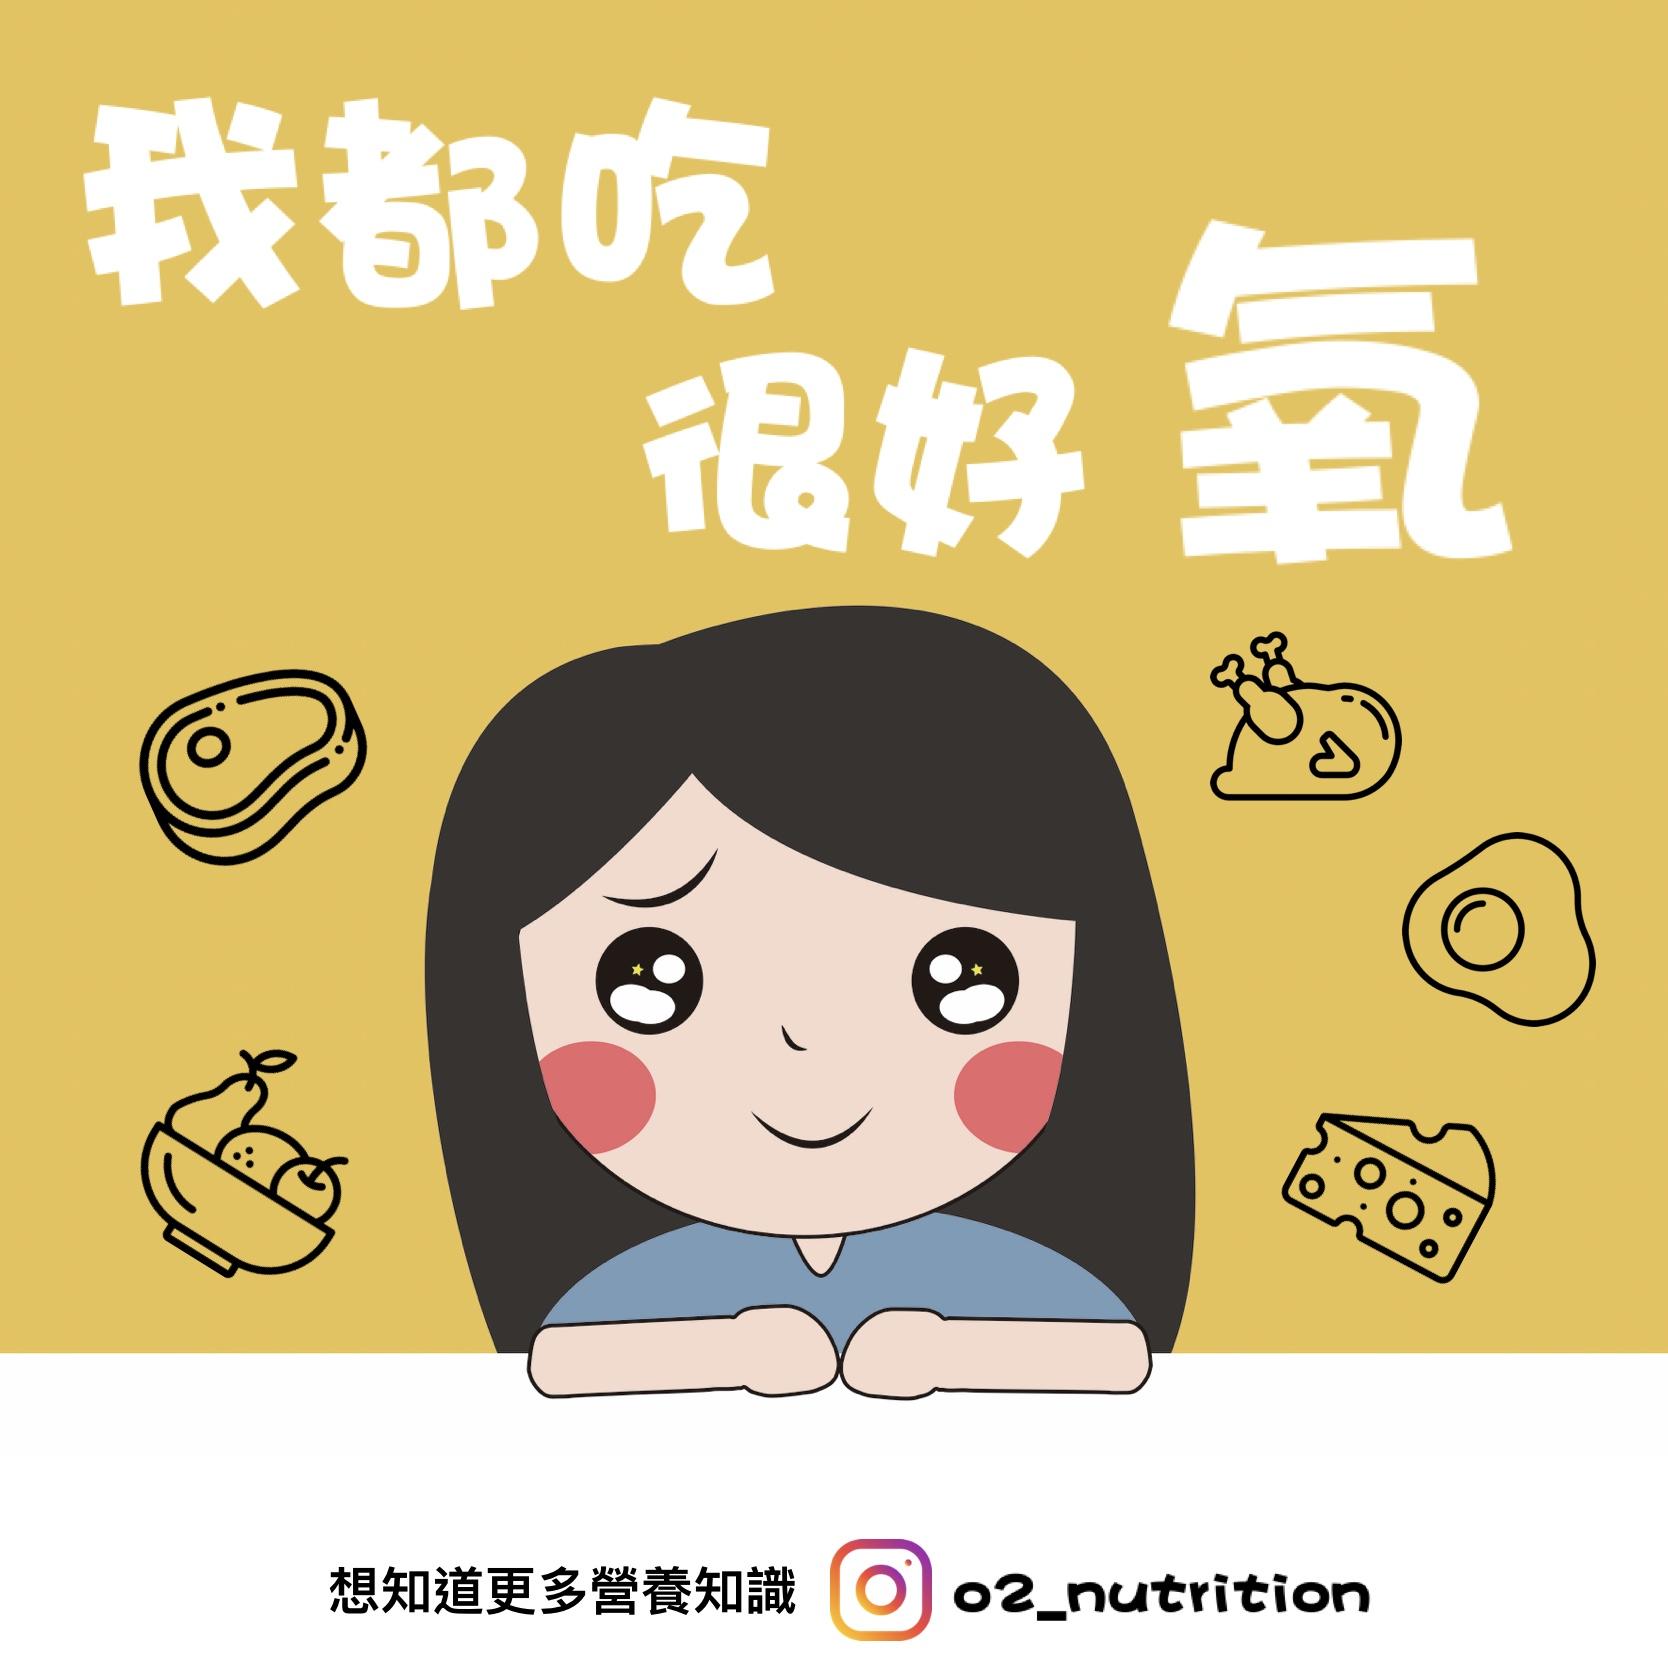 #9 【營養師 我該怎麼吃?】(2) 增肌減脂怎麼吃?運動營養 - dodo營養師